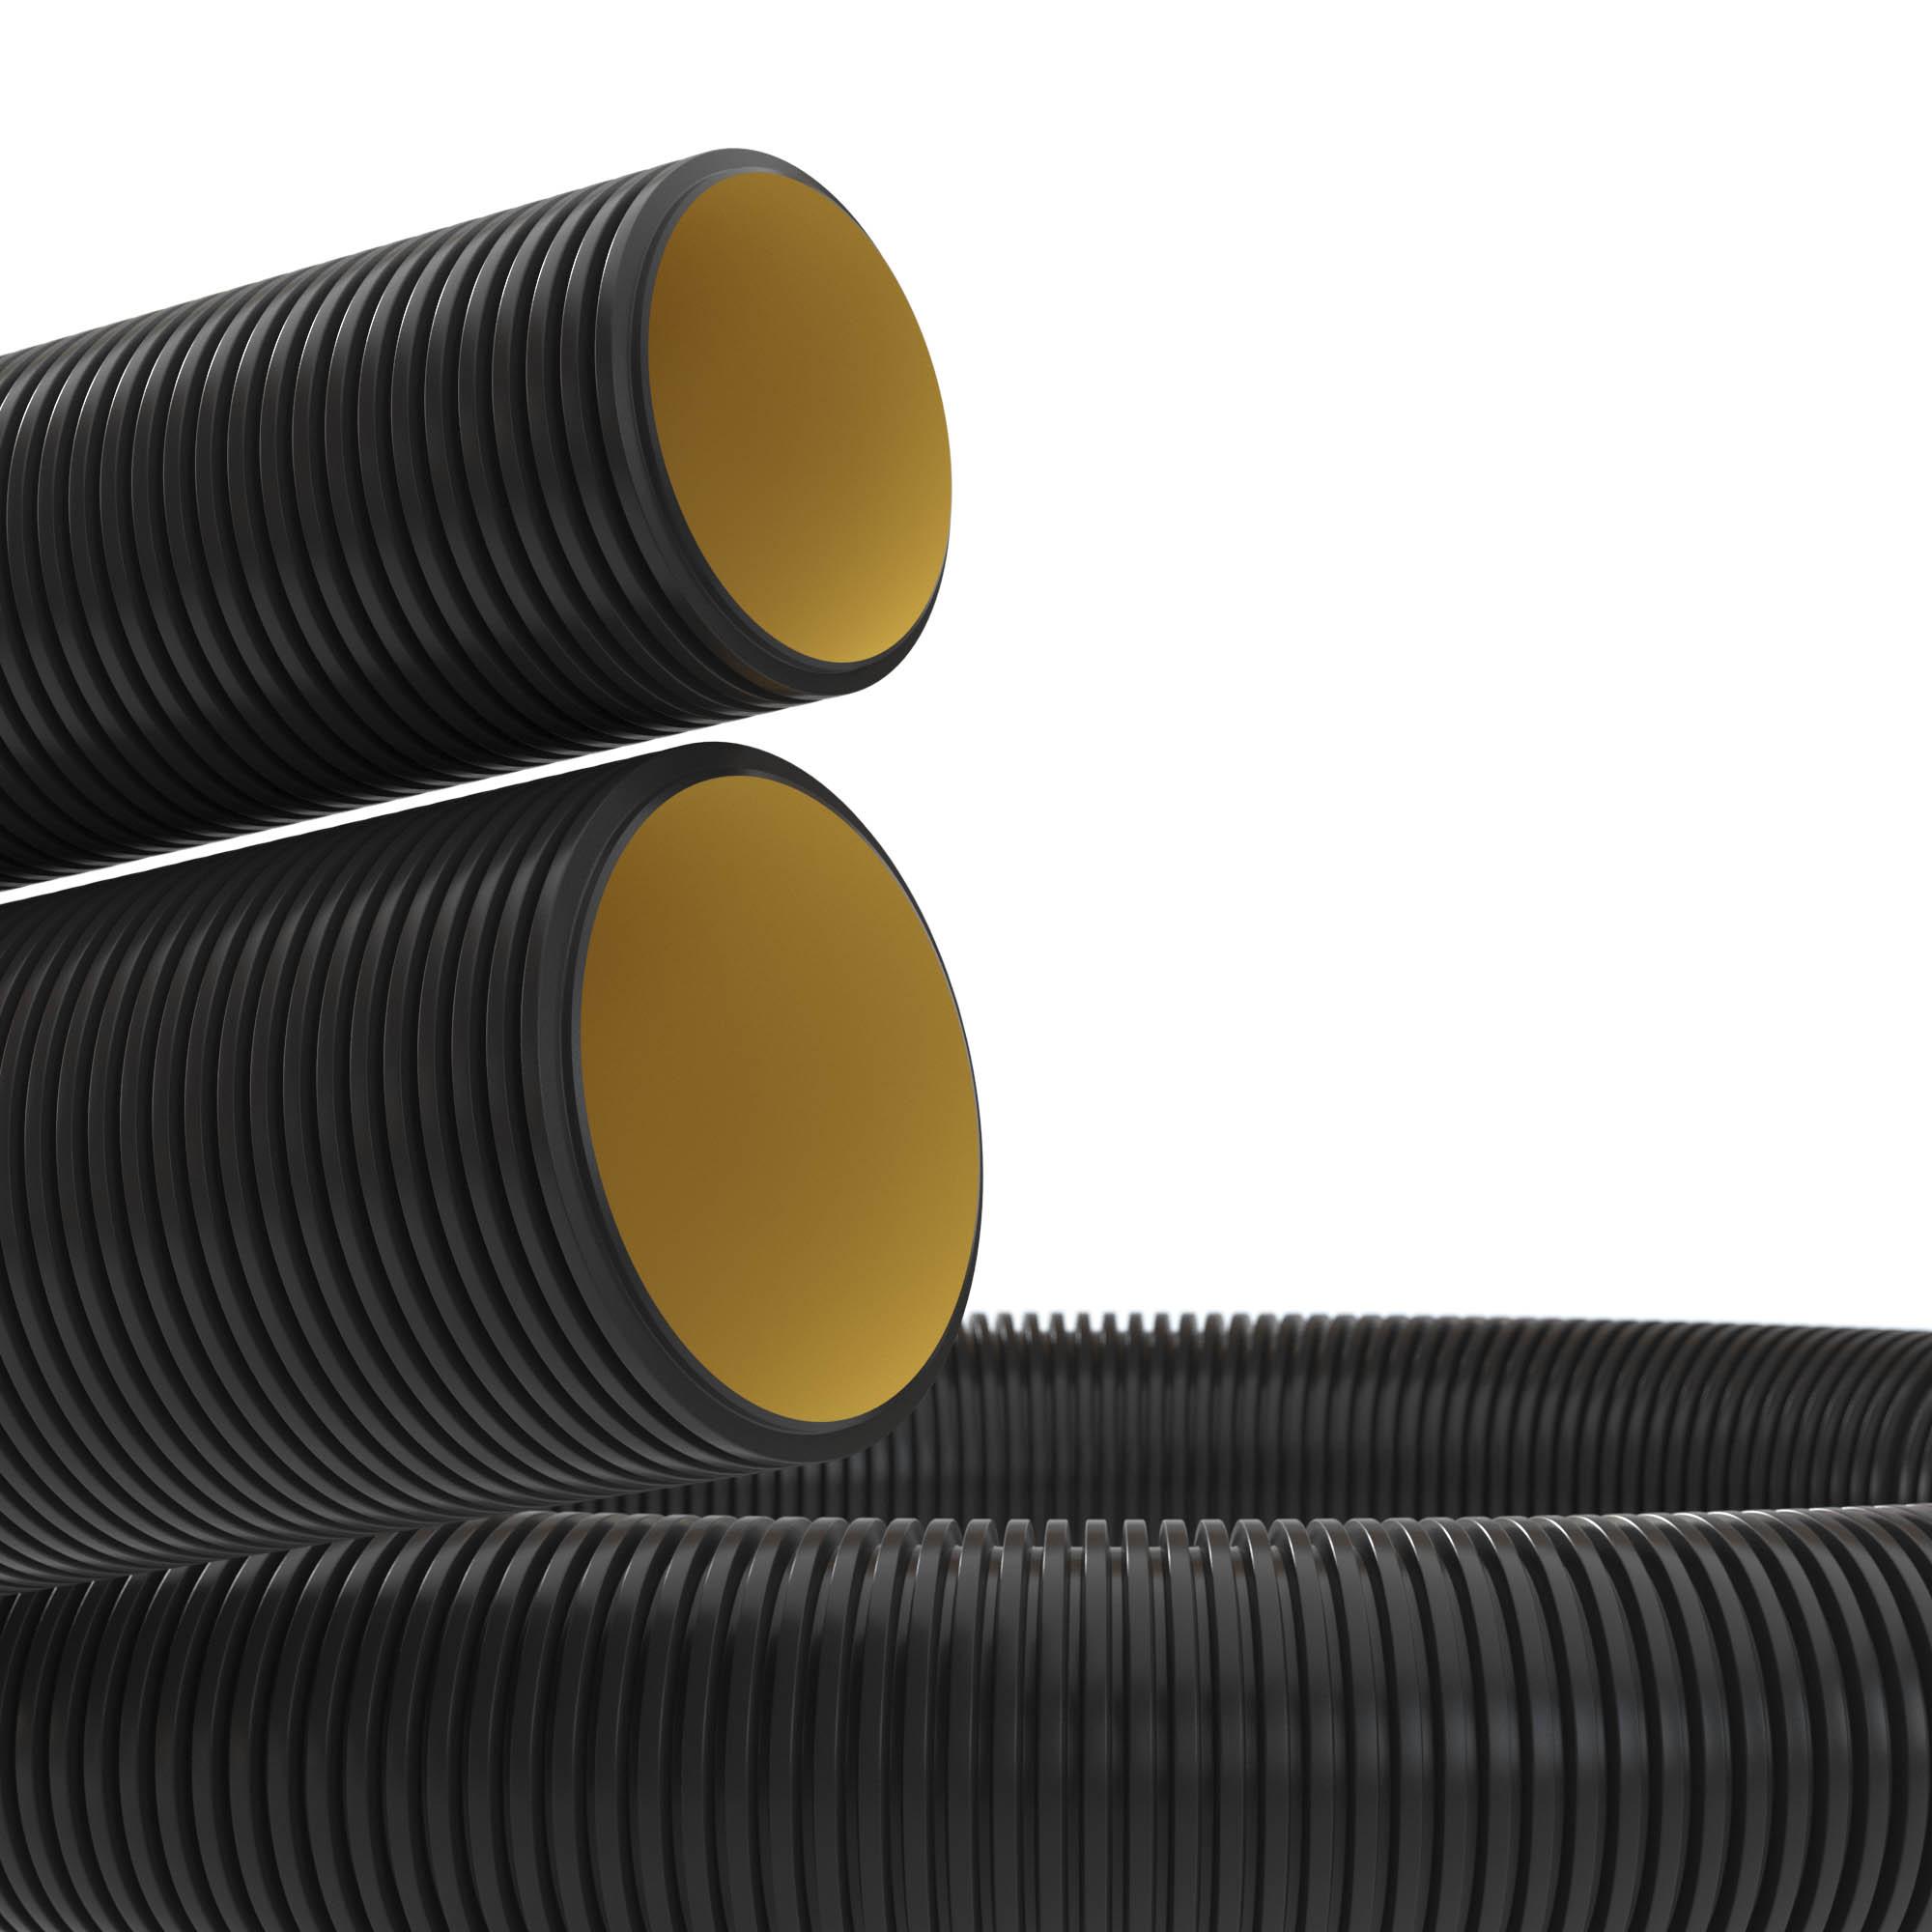 Двустенная труба ПНД гибкая для кабельной канализации d 50мм с протяжкой SN13 250Н черный